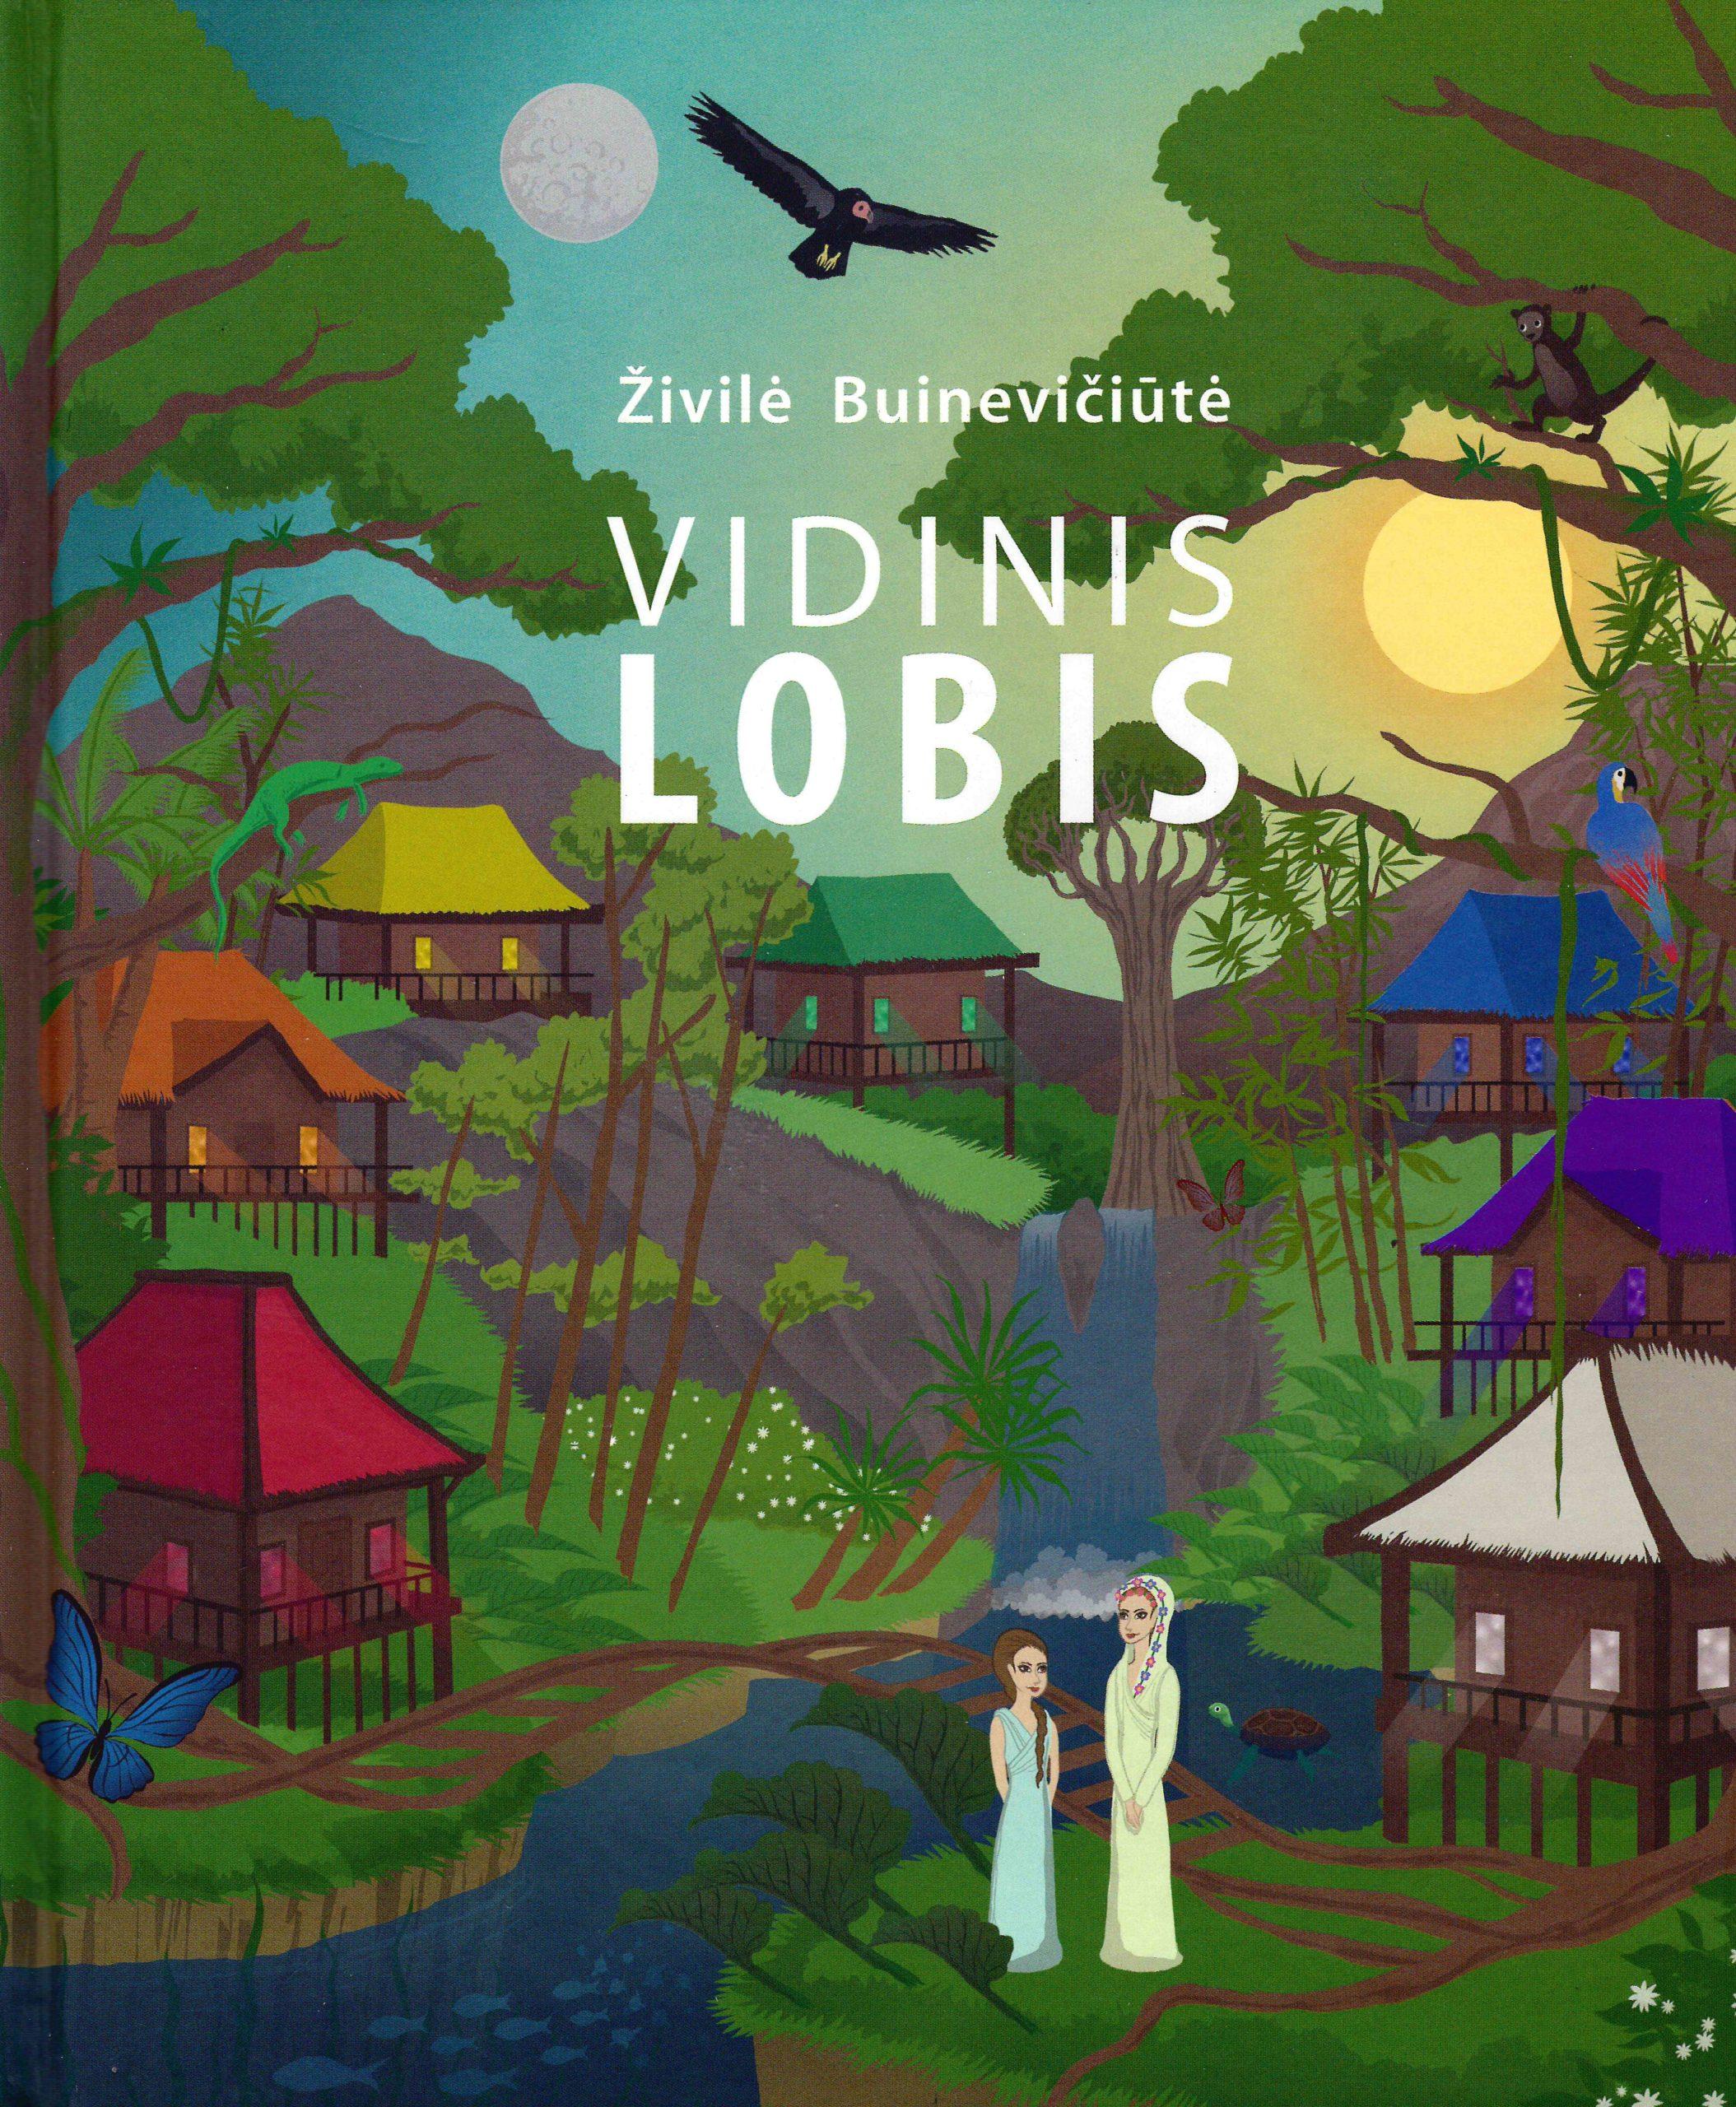 Vidinis Lobis